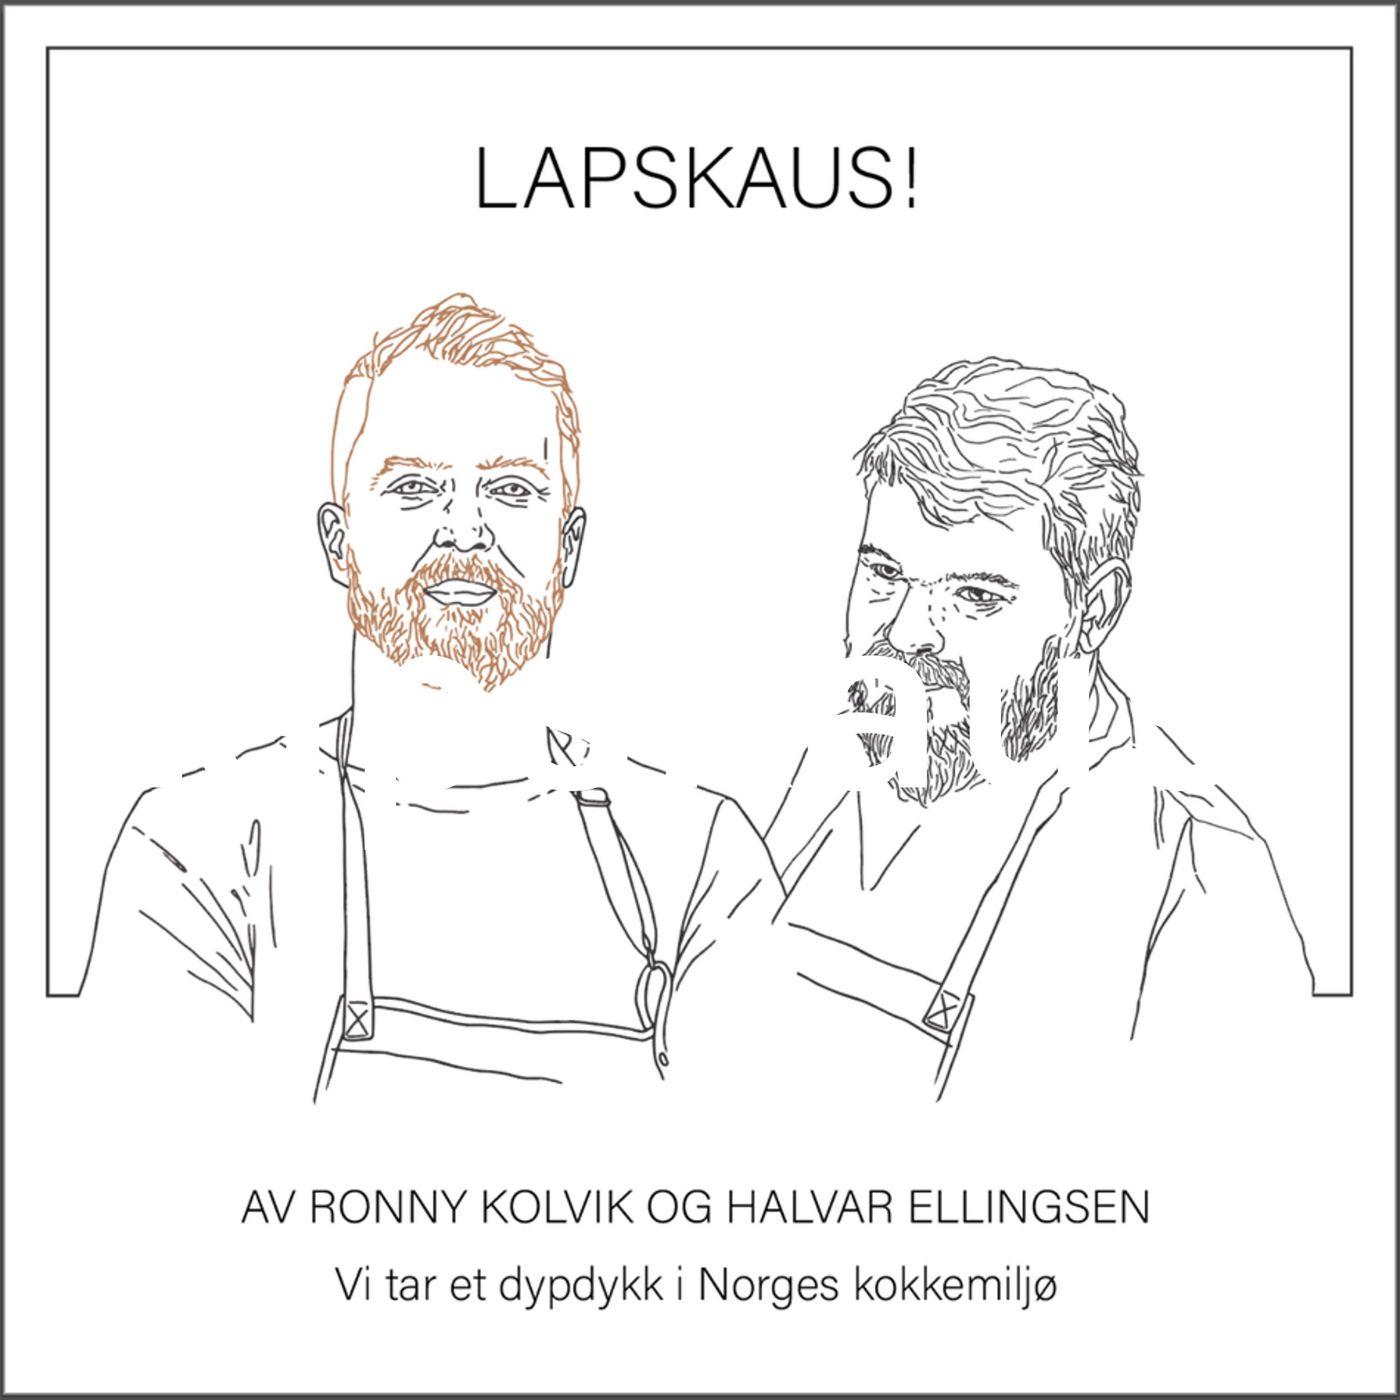 Lapskaus!